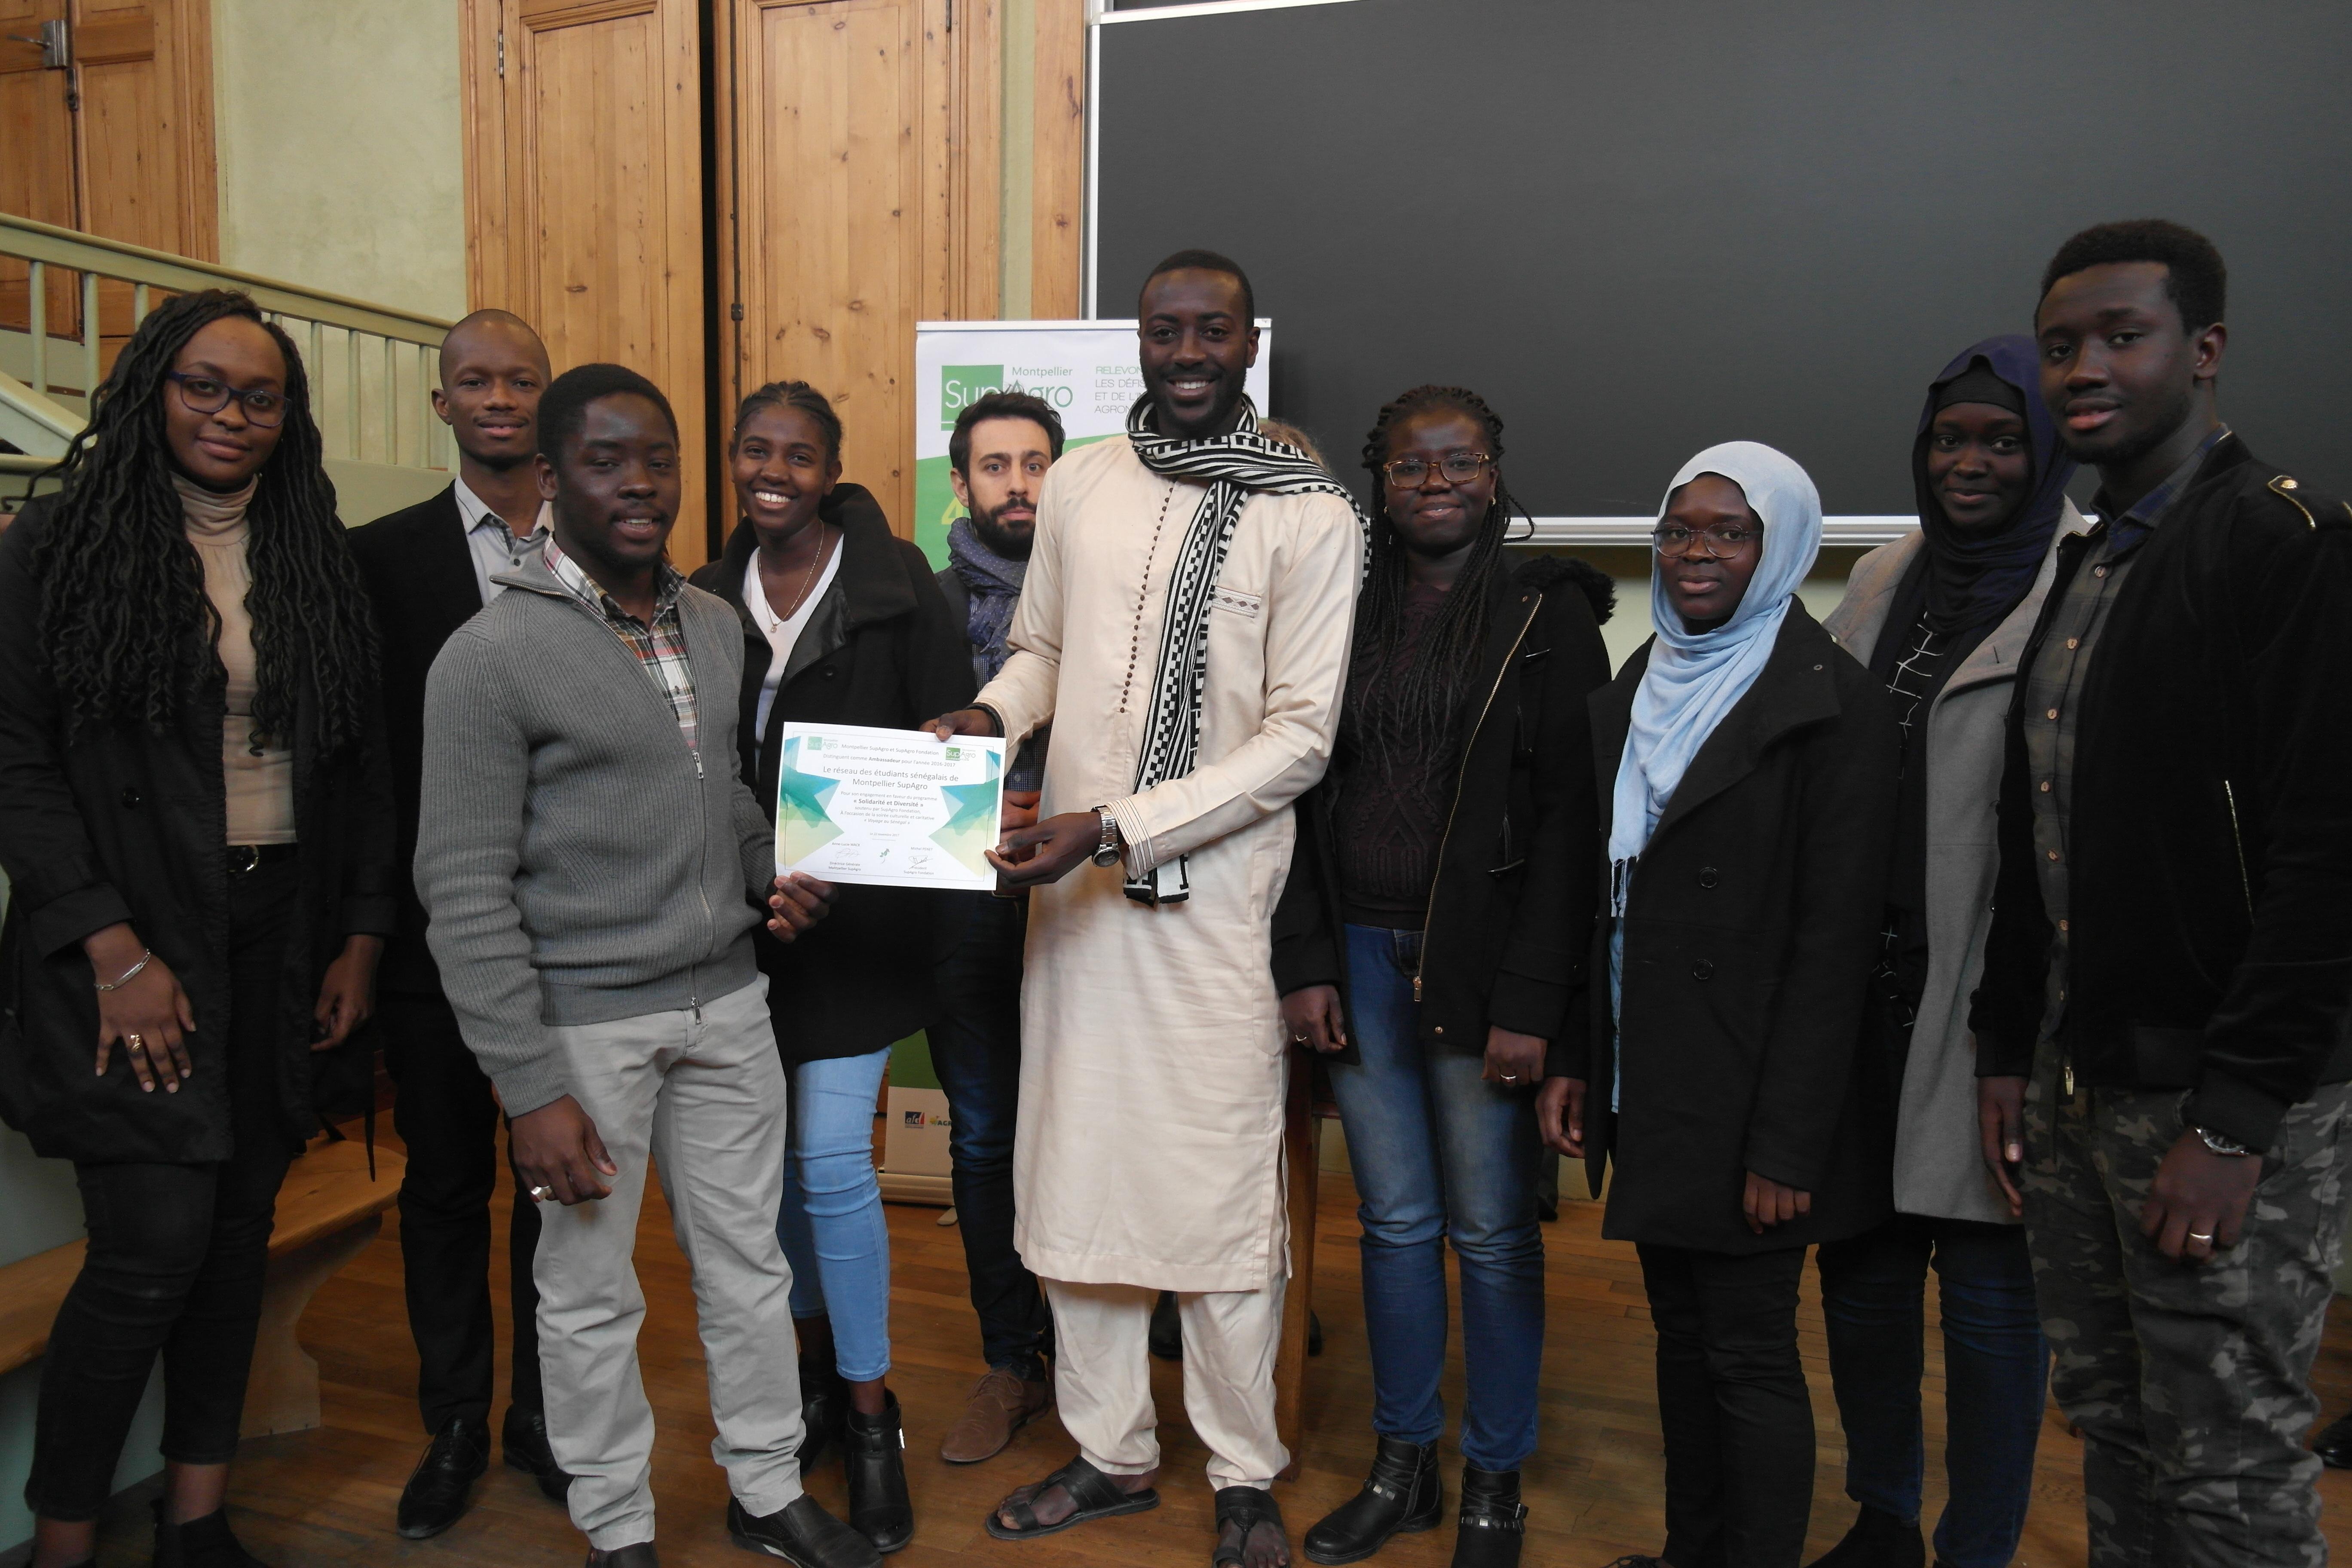 """Le réseau des étudiants sénégalais de Montpellier SupAgro distingué comme """"ambassadeur"""" du programme """"Solidarité et diversité suite à l'organisation de la soirée culturelle et caritative """"Voyage au Sénégal"""